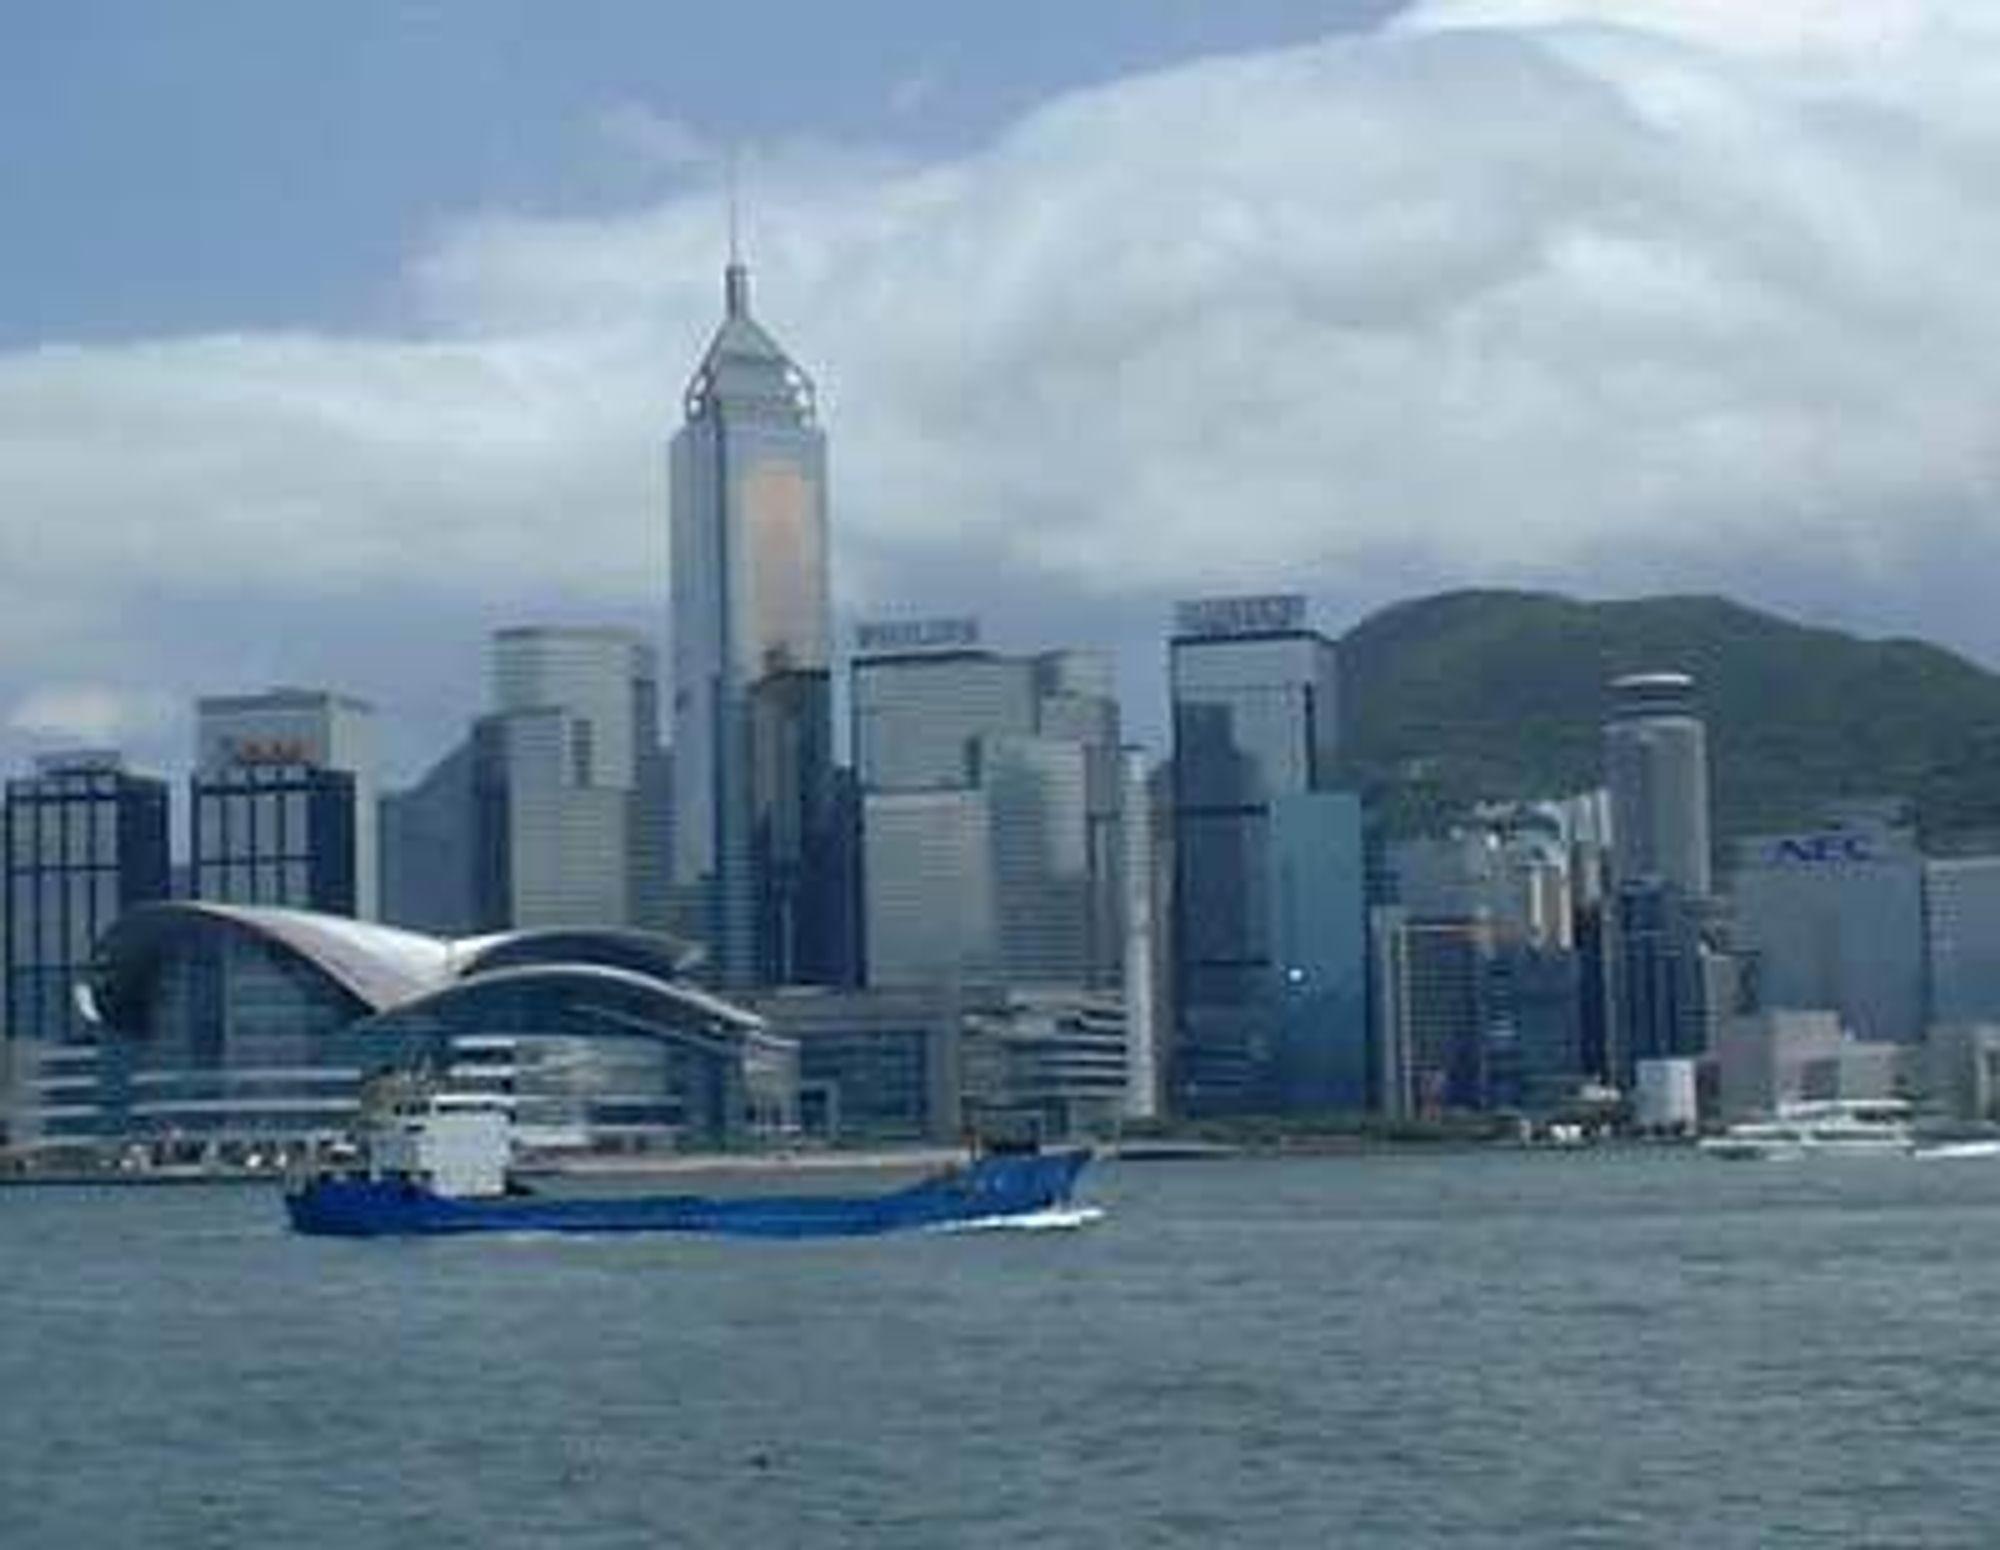 Kinas økonomiske vekst setter amerikanerne i skyggen. Innovasjonsevne, flinke til å ta i bruk ny teknologi og nøysomhet er med på å bringe kinesisk økonomi fram.